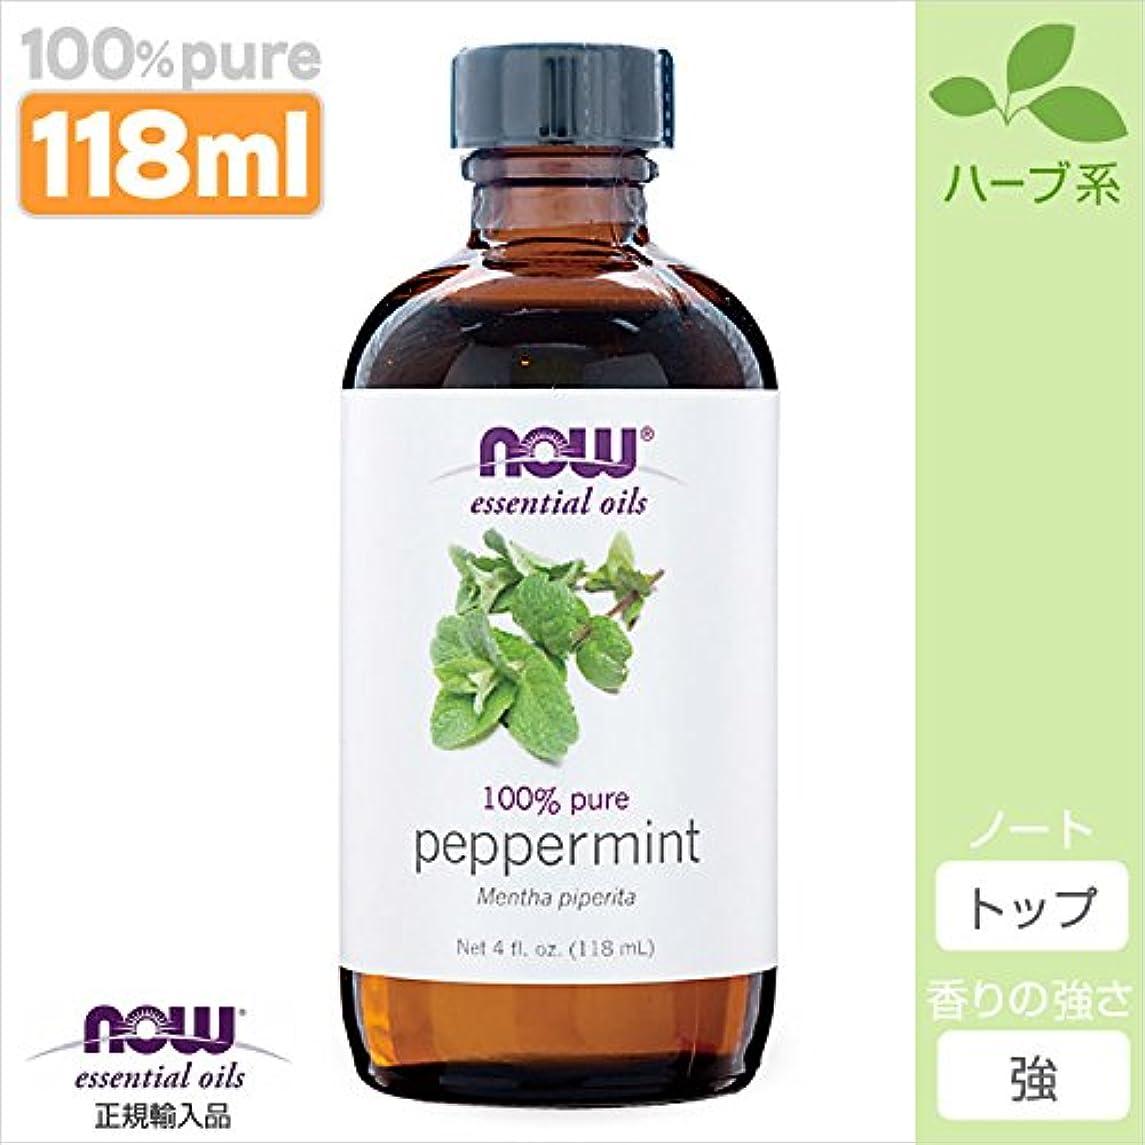 スカープ添加剤複雑ペパーミント 精油[118ml] 【正規輸入品】 NOWエッセンシャルオイル(アロマオイル)